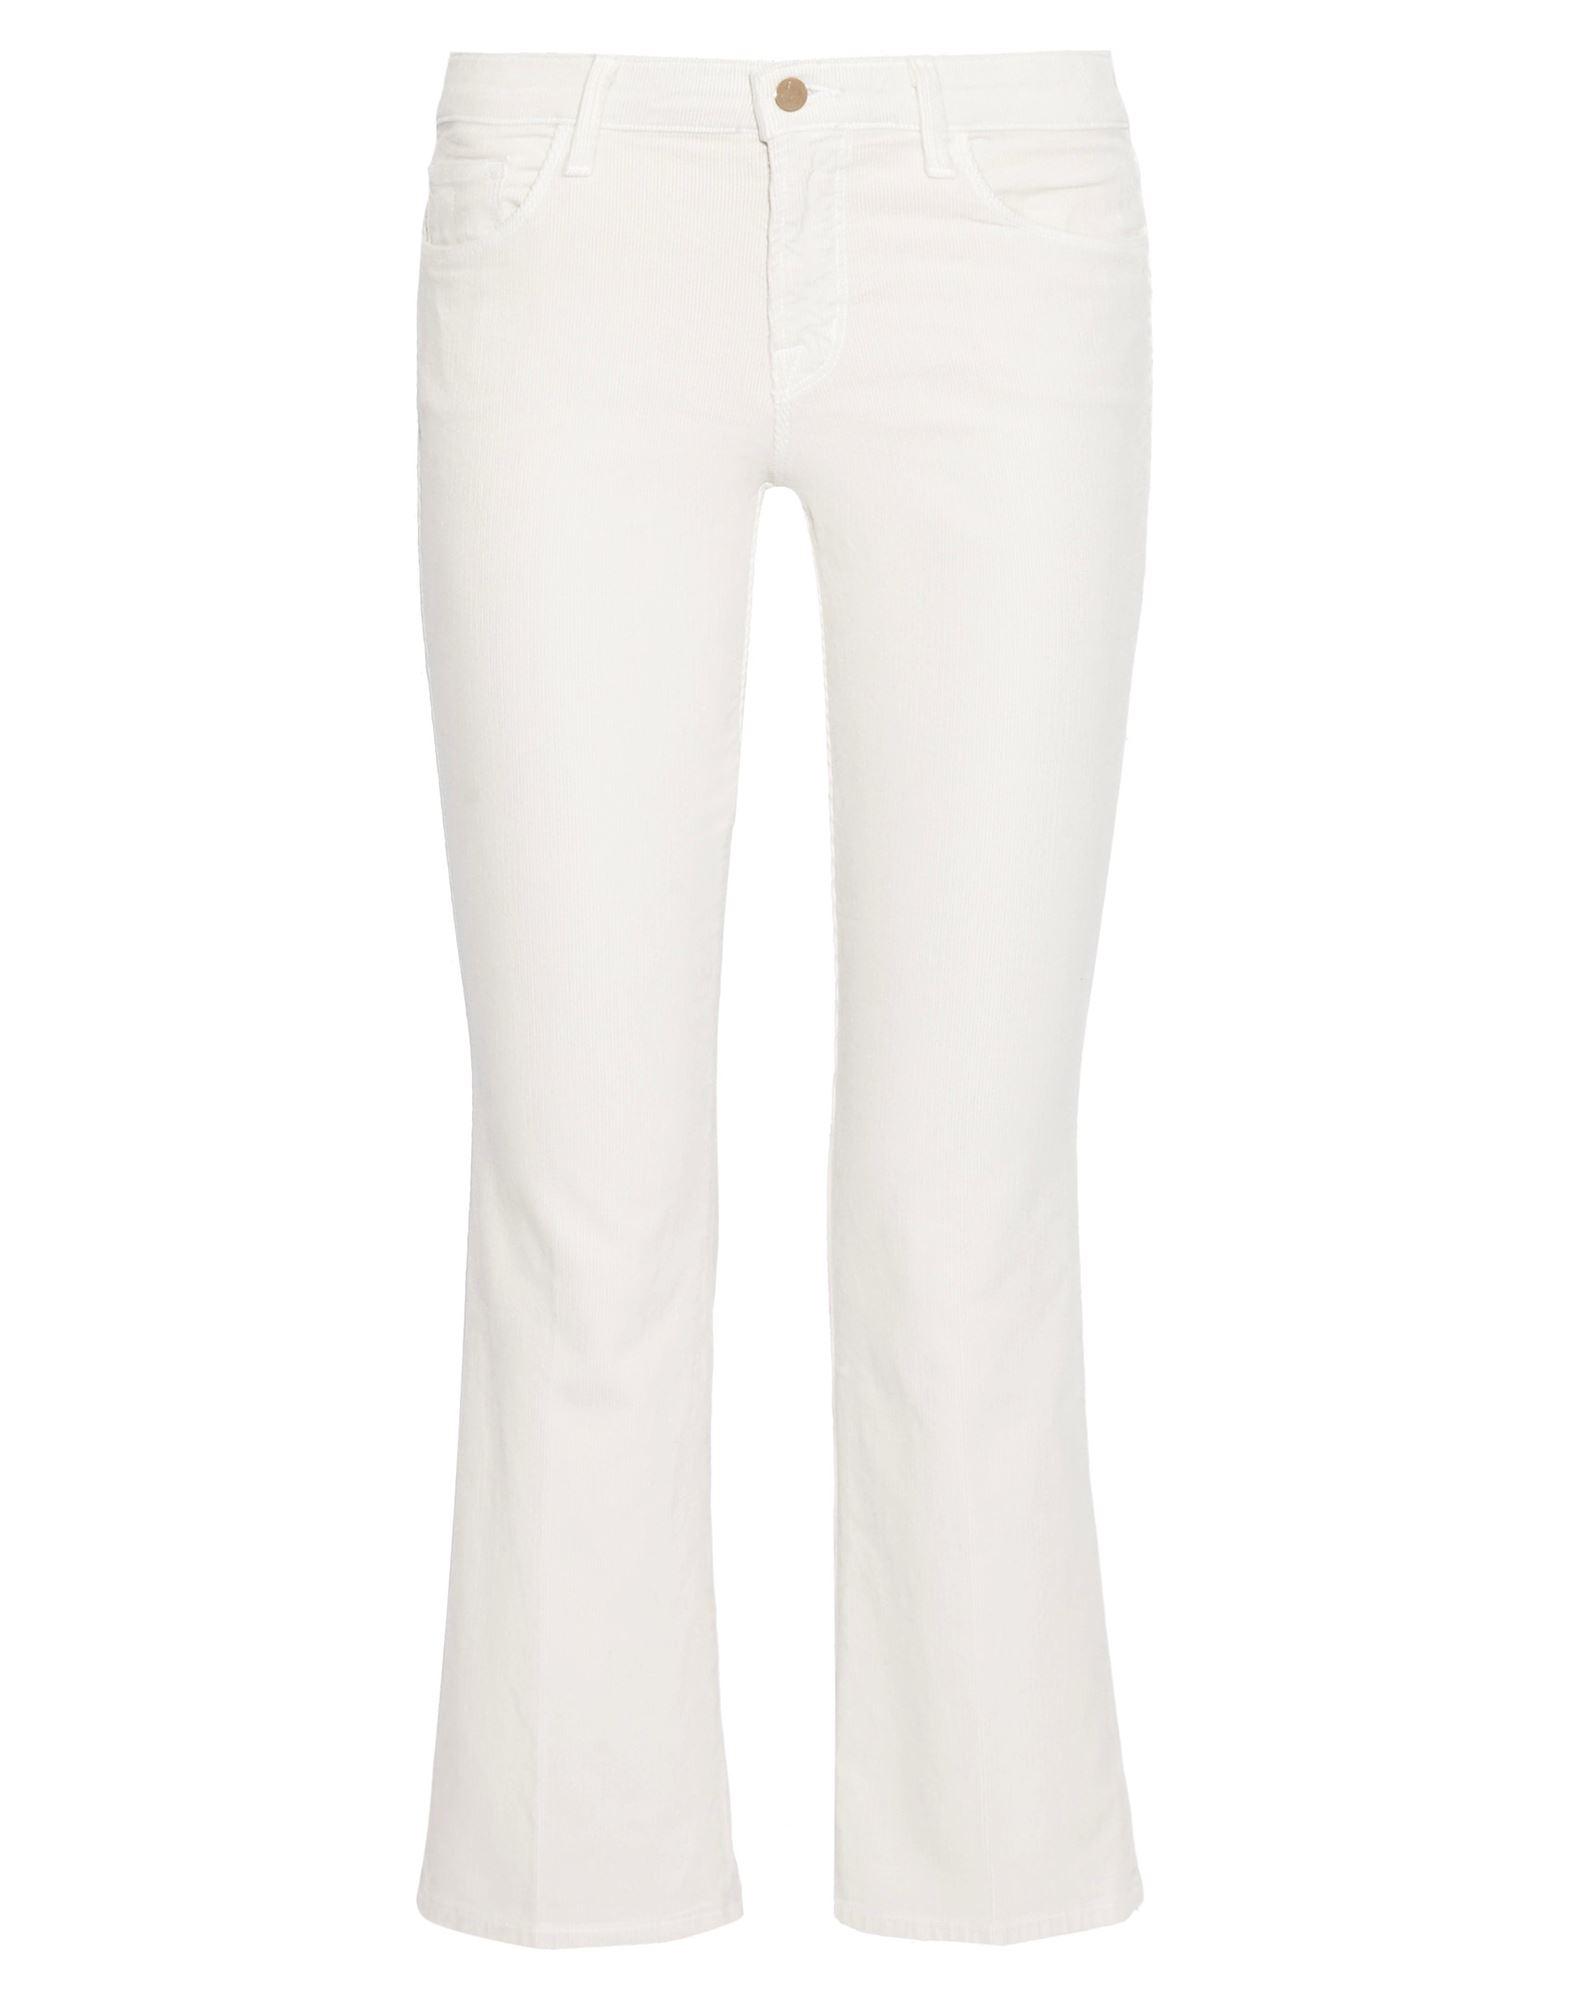 Pantalone Dritto J Brand Donna - Acquista online su LouOO